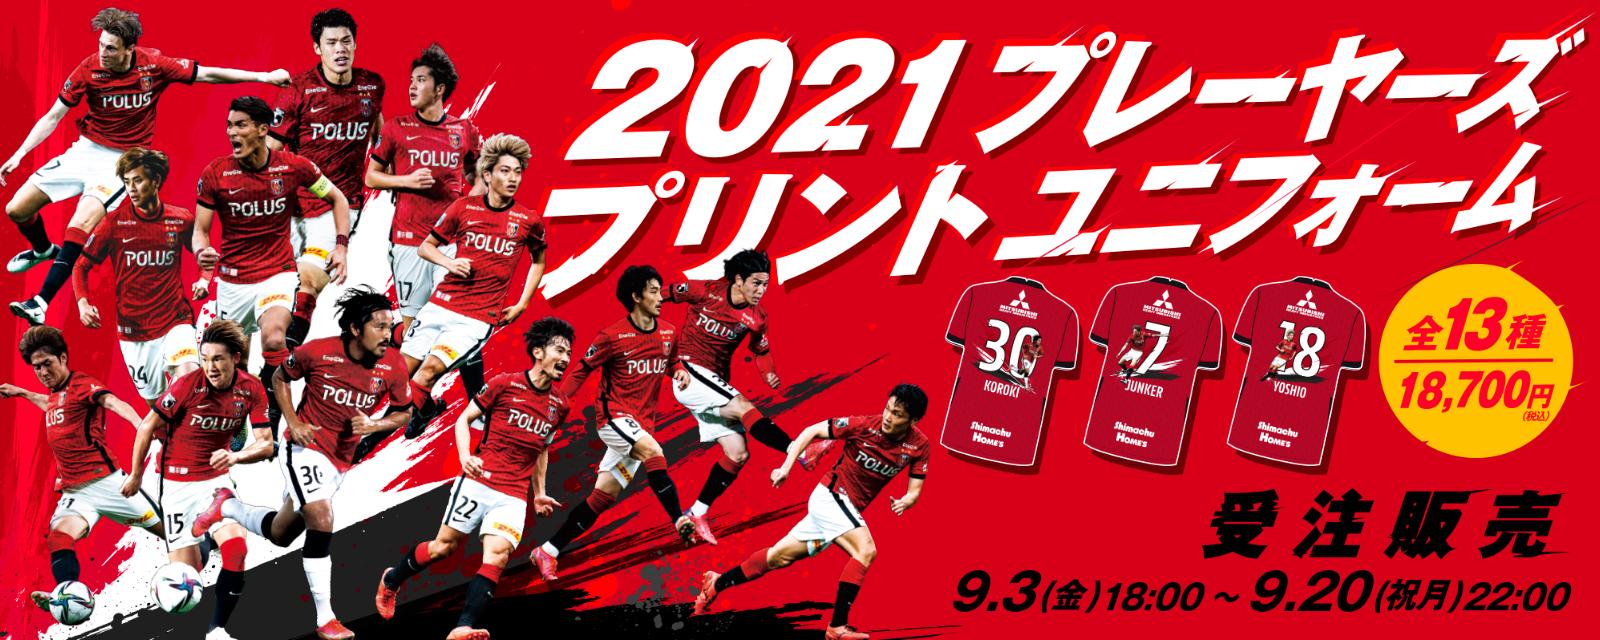 2021プレーヤーズプリントユニフォーム